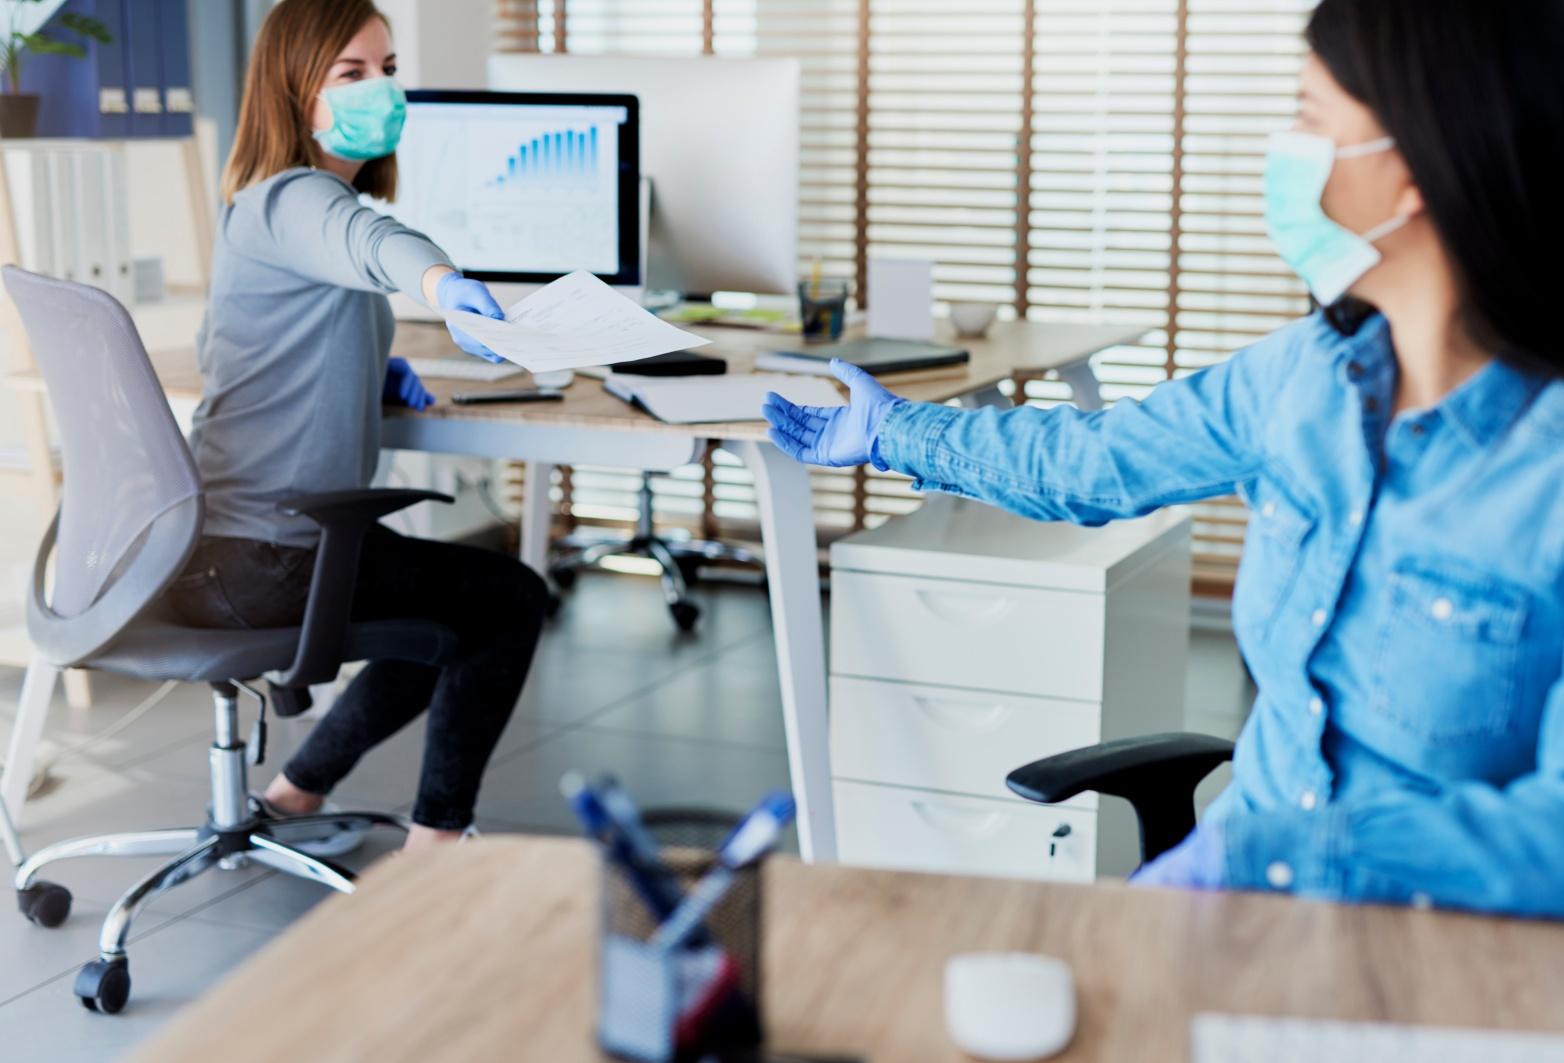 Personas trabajando con distanciamiento social